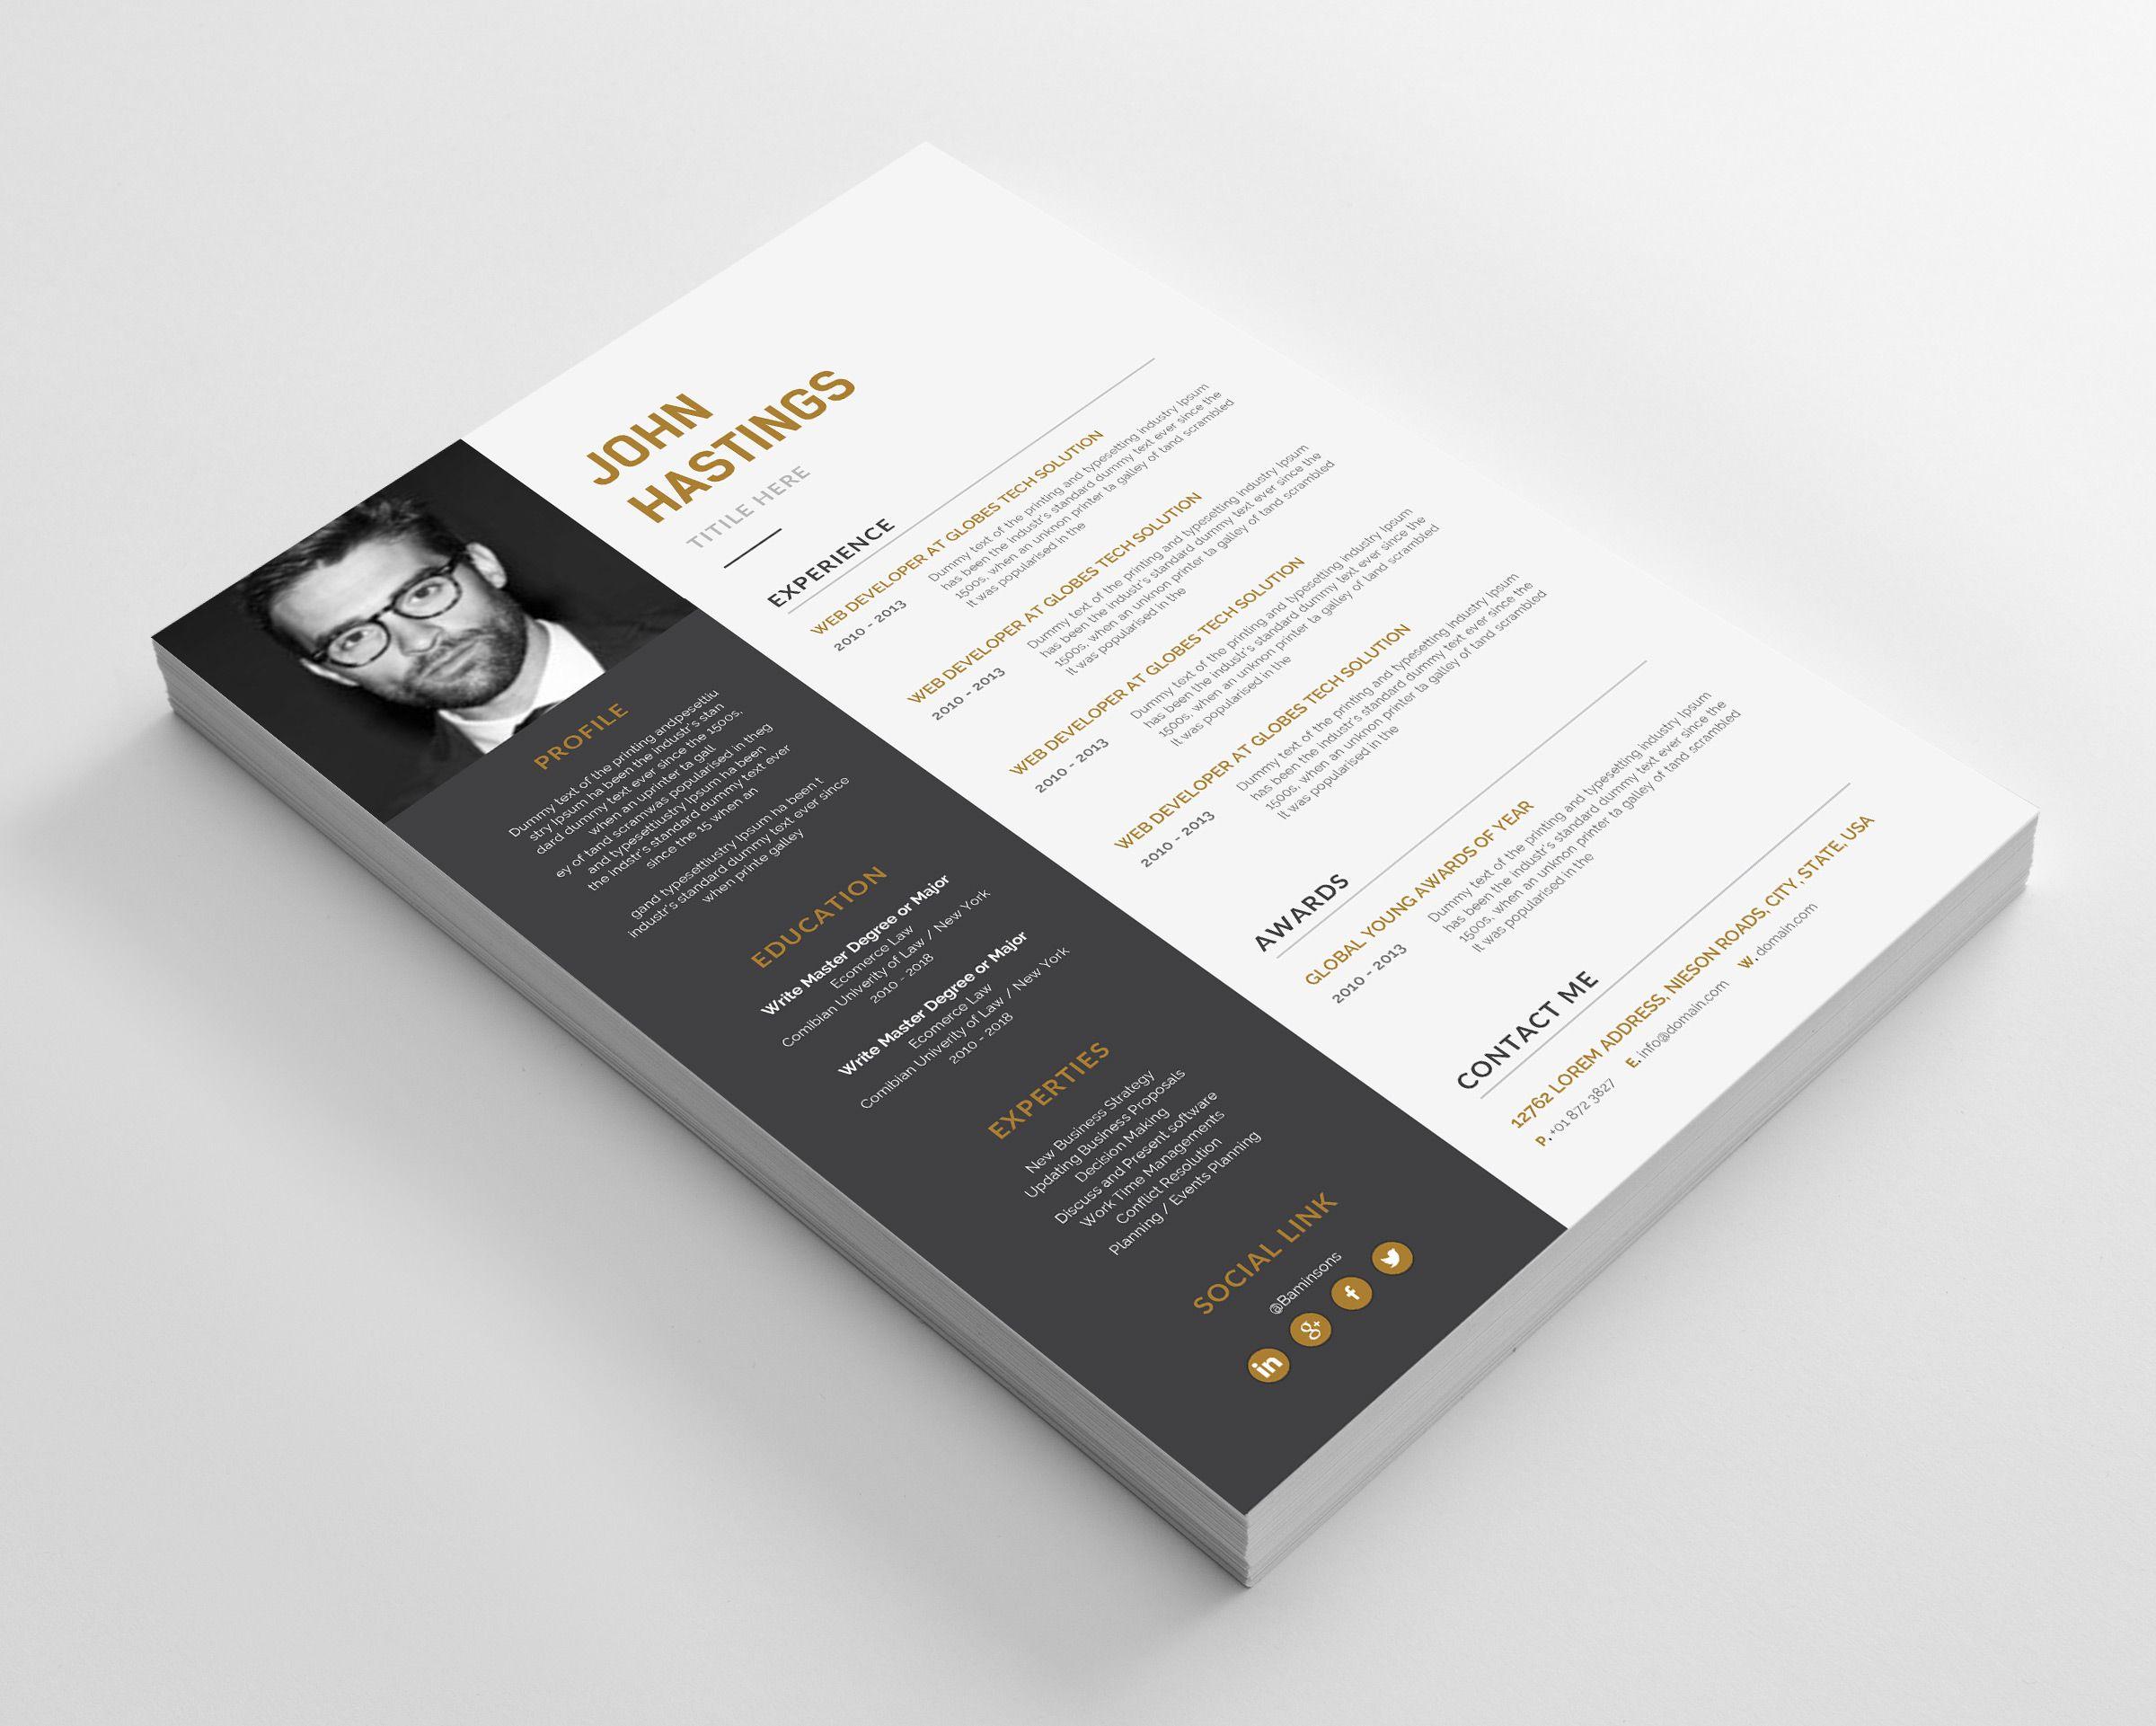 Paul Resume Cover Letter Design Resume Template Elegant Words